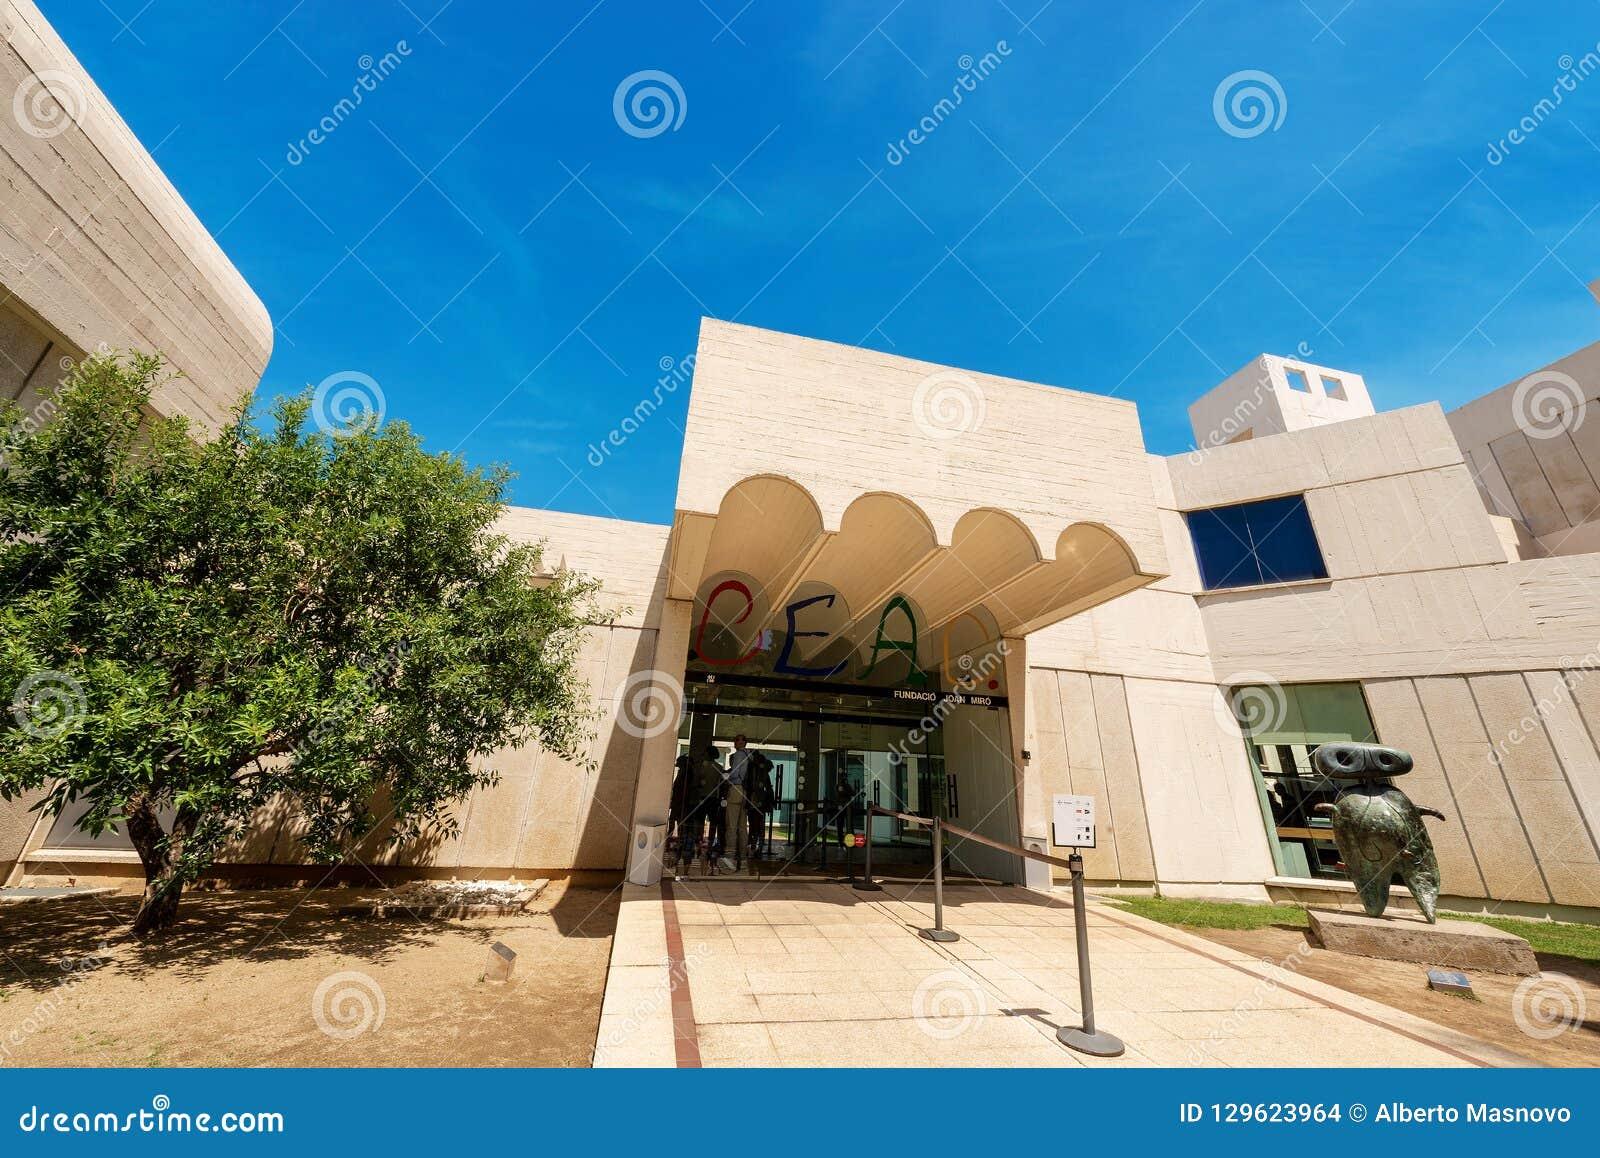 Fundacio Joan Miro - museo en Barcelona España